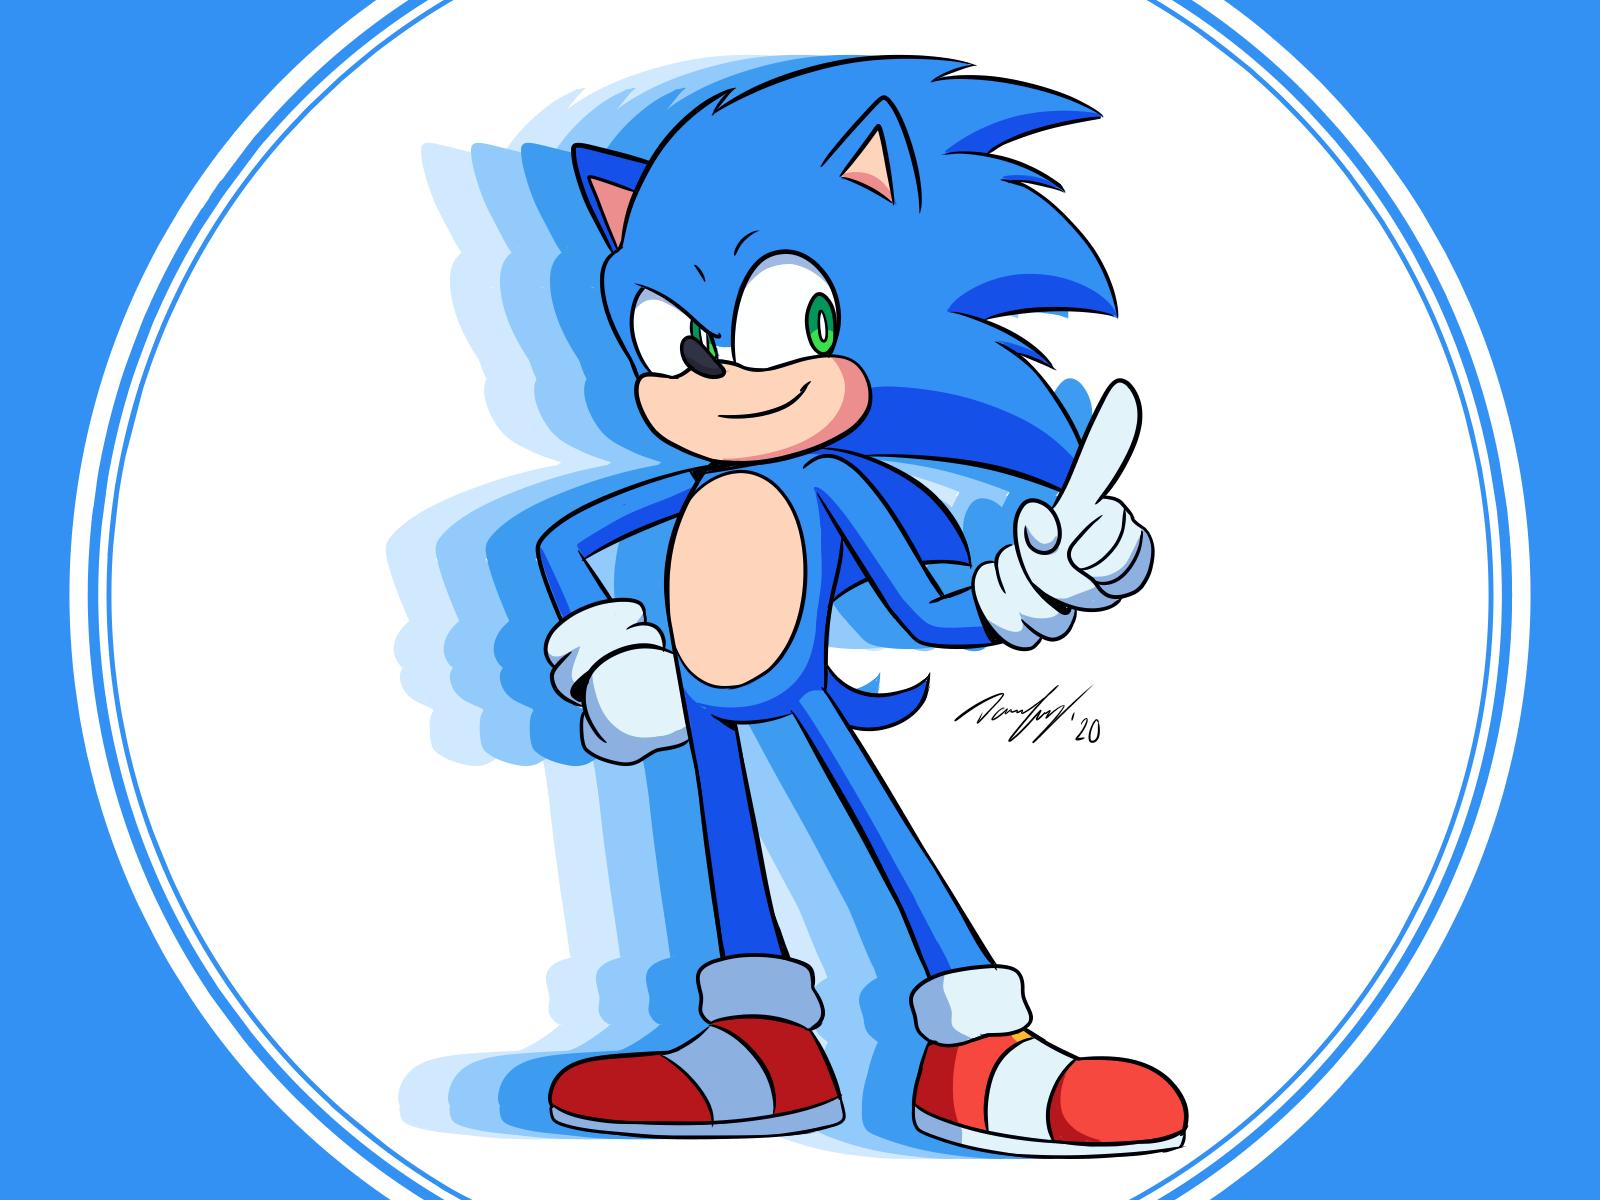 Art ID: 131044